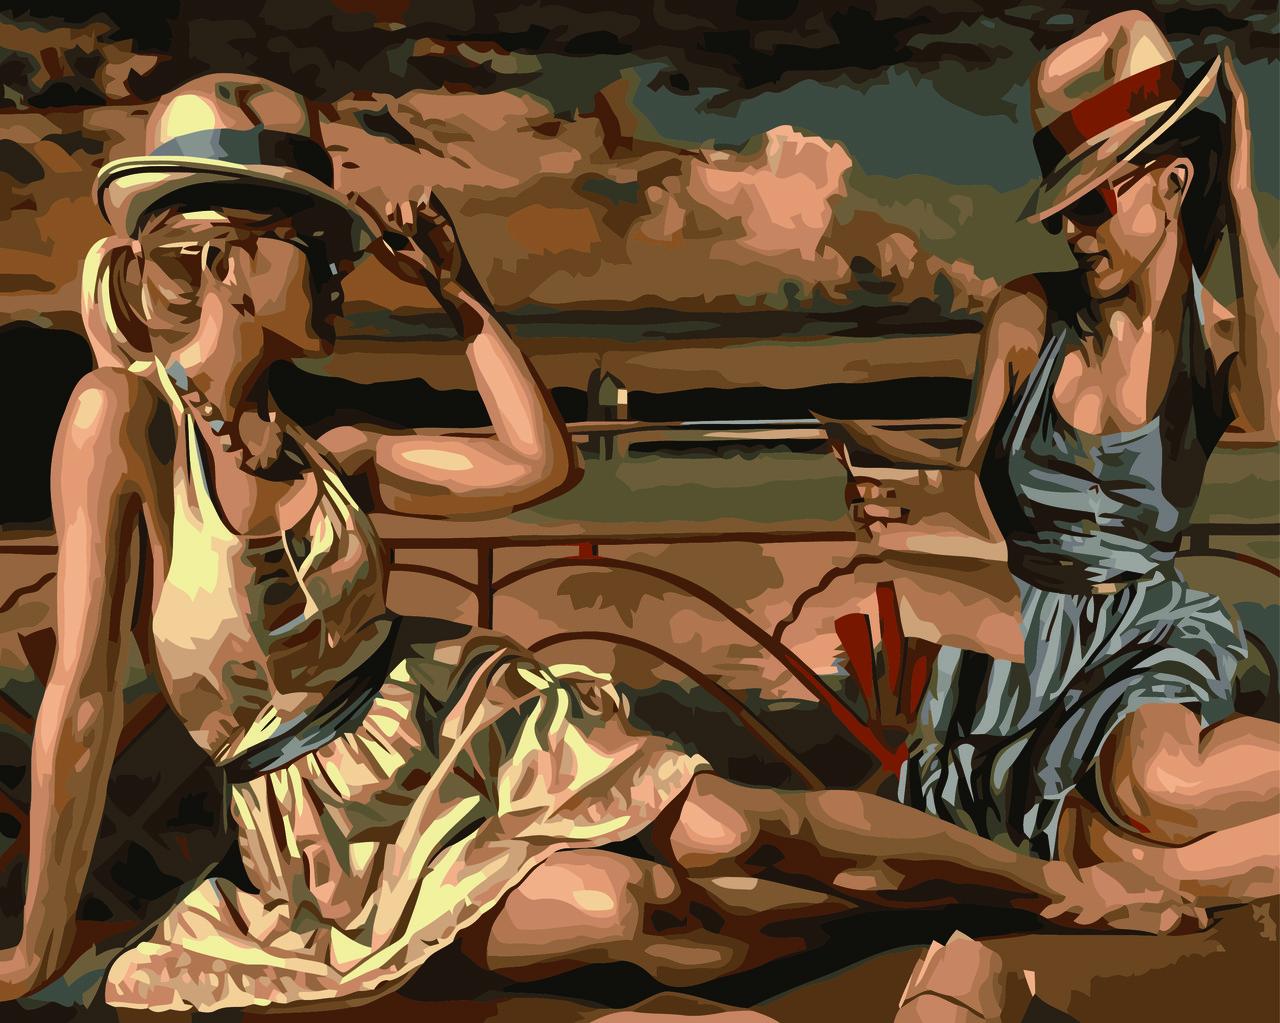 Картина по номерам Две красотки (Худ. Хиткот Перегрин), 40x50 см., Домашнее искусство